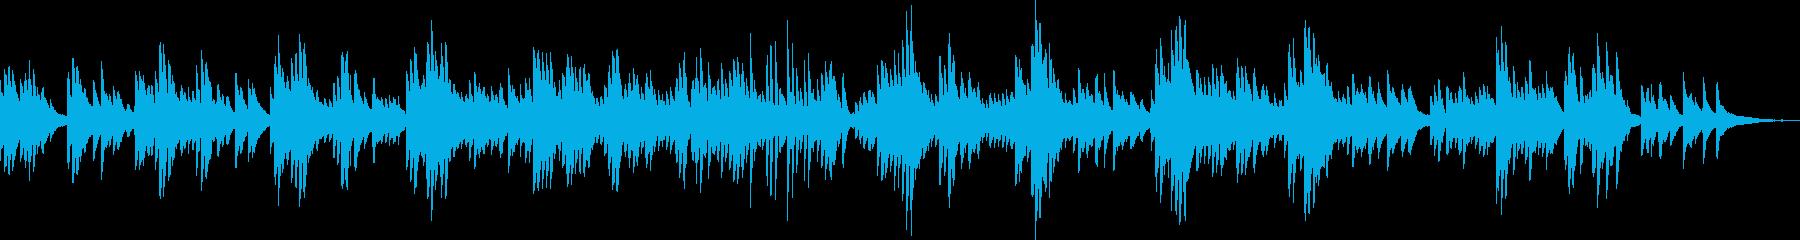 切ないピアノバラード(しっとり・悲しい)の再生済みの波形